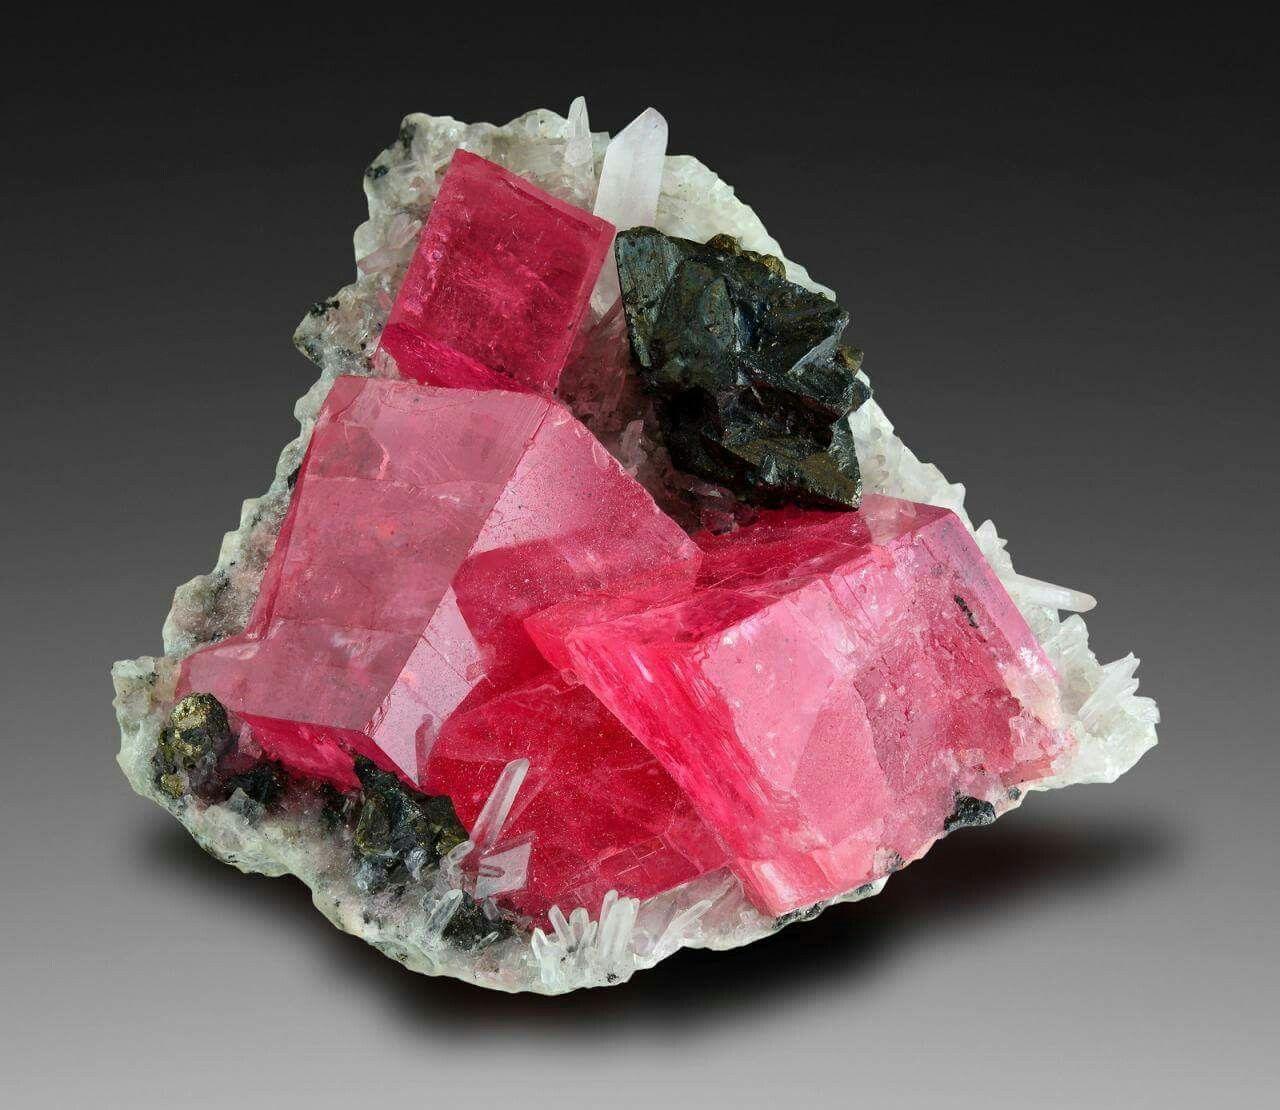 đá đào hoa Rhodochrosite là gì